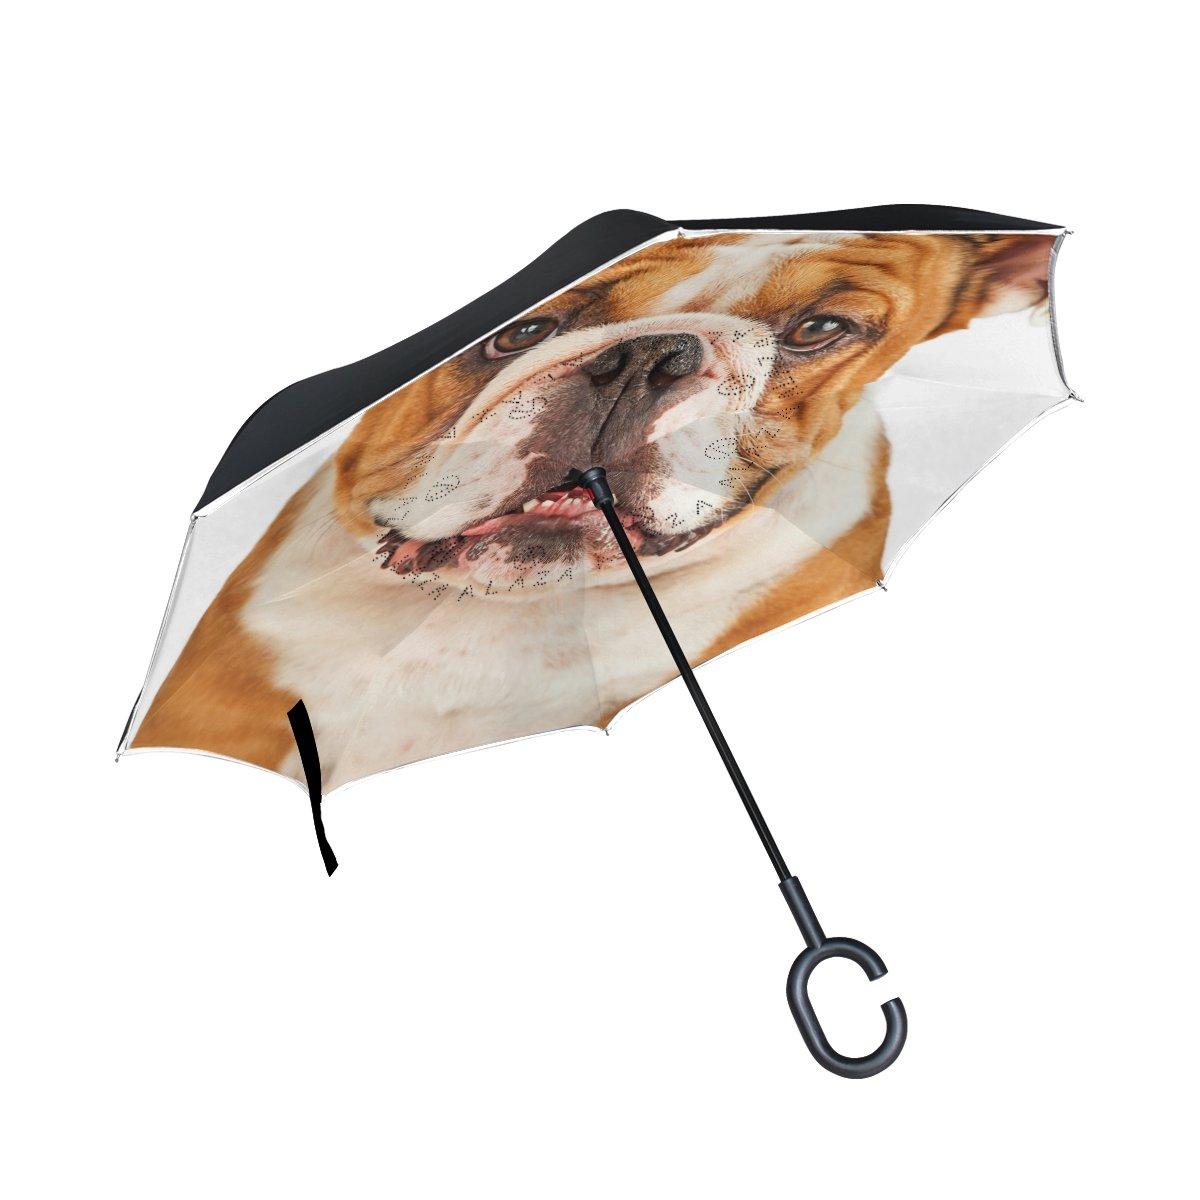 BENNIGIRY Bulldog Face Pug Reverse pieghevole a doppio strato antivento invertito ombrello con manico a mani libere per viaggiare e auto uso